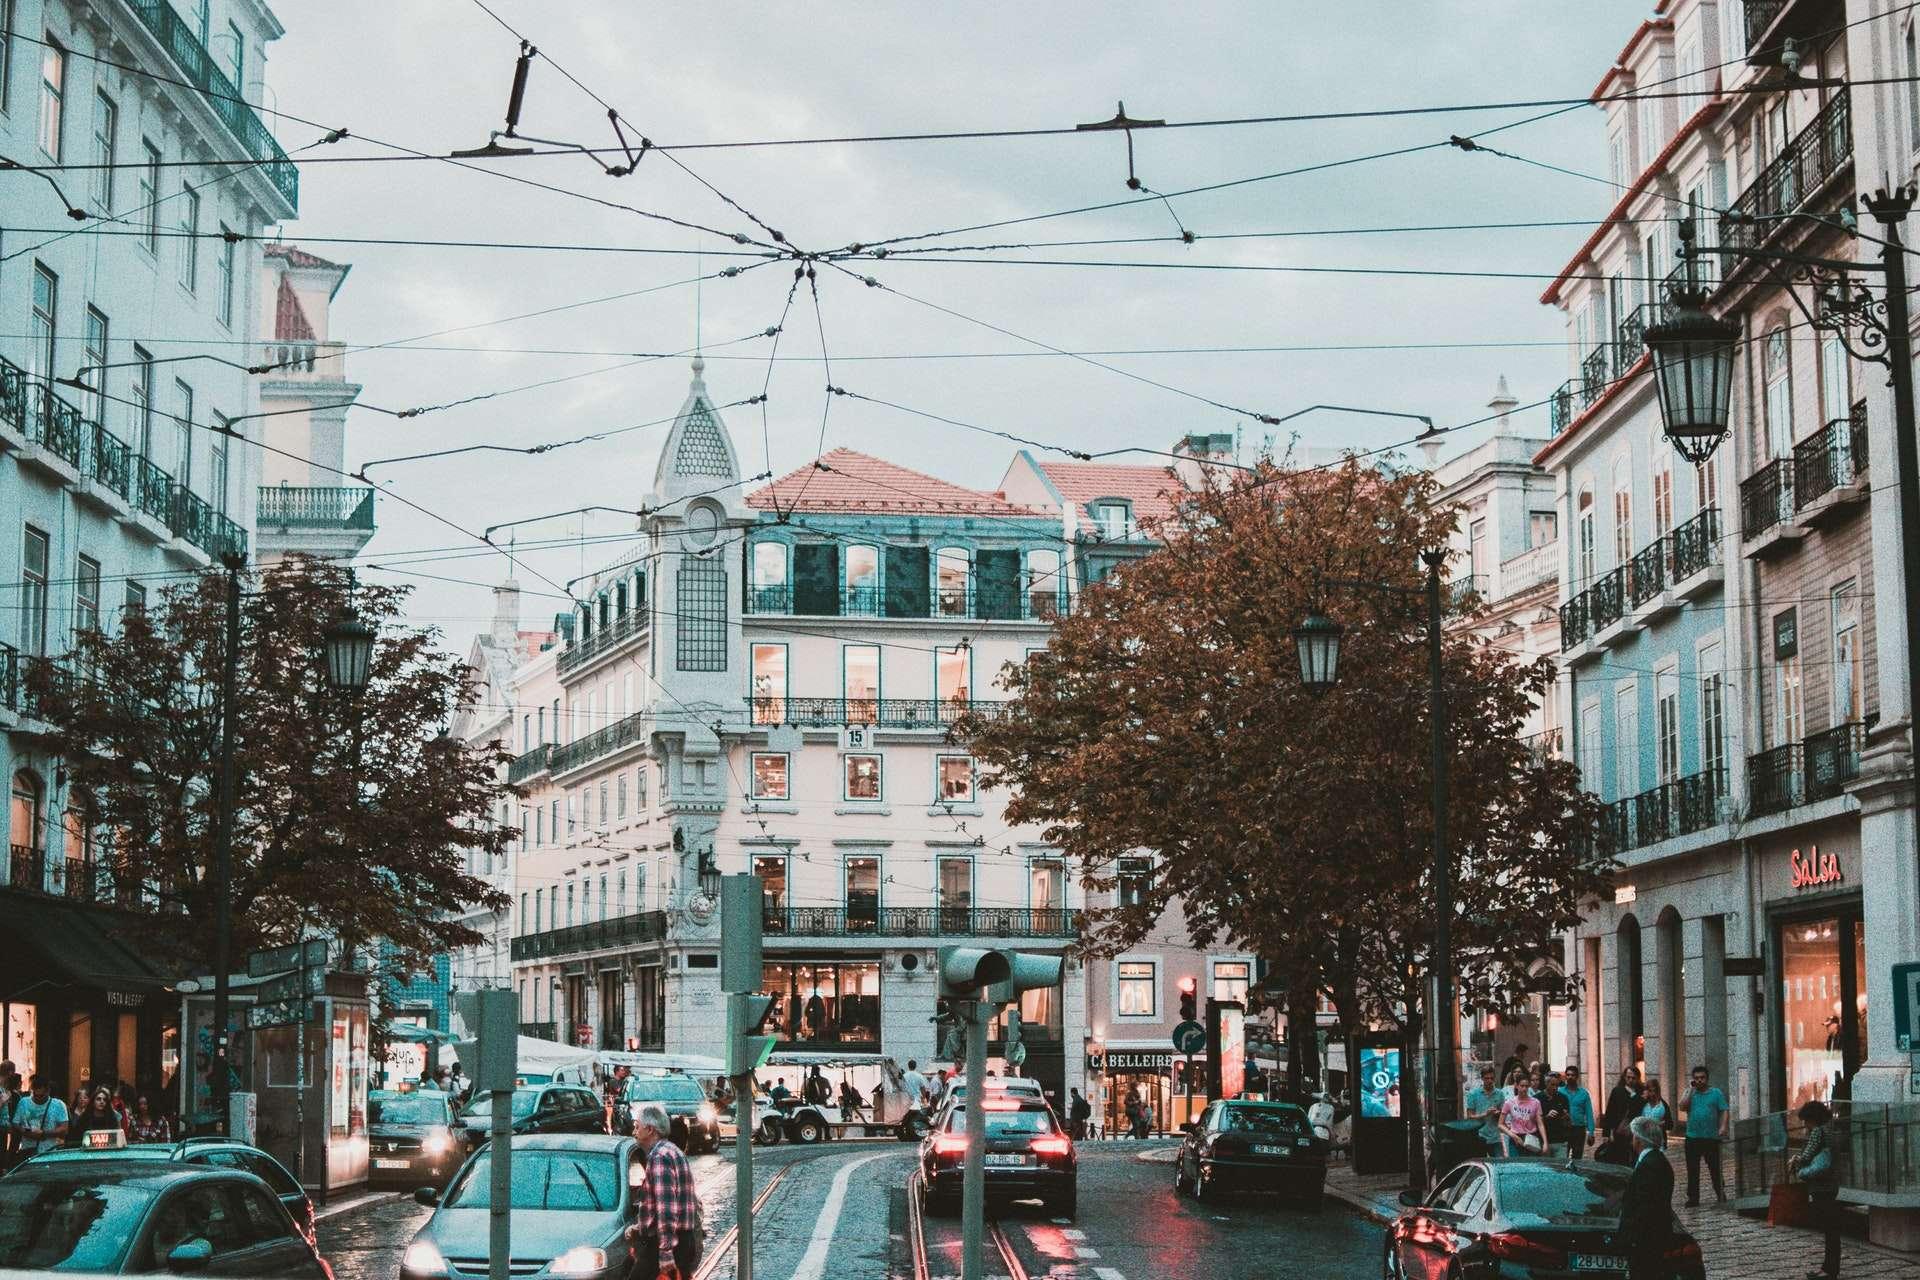 Medicina in Portogallo